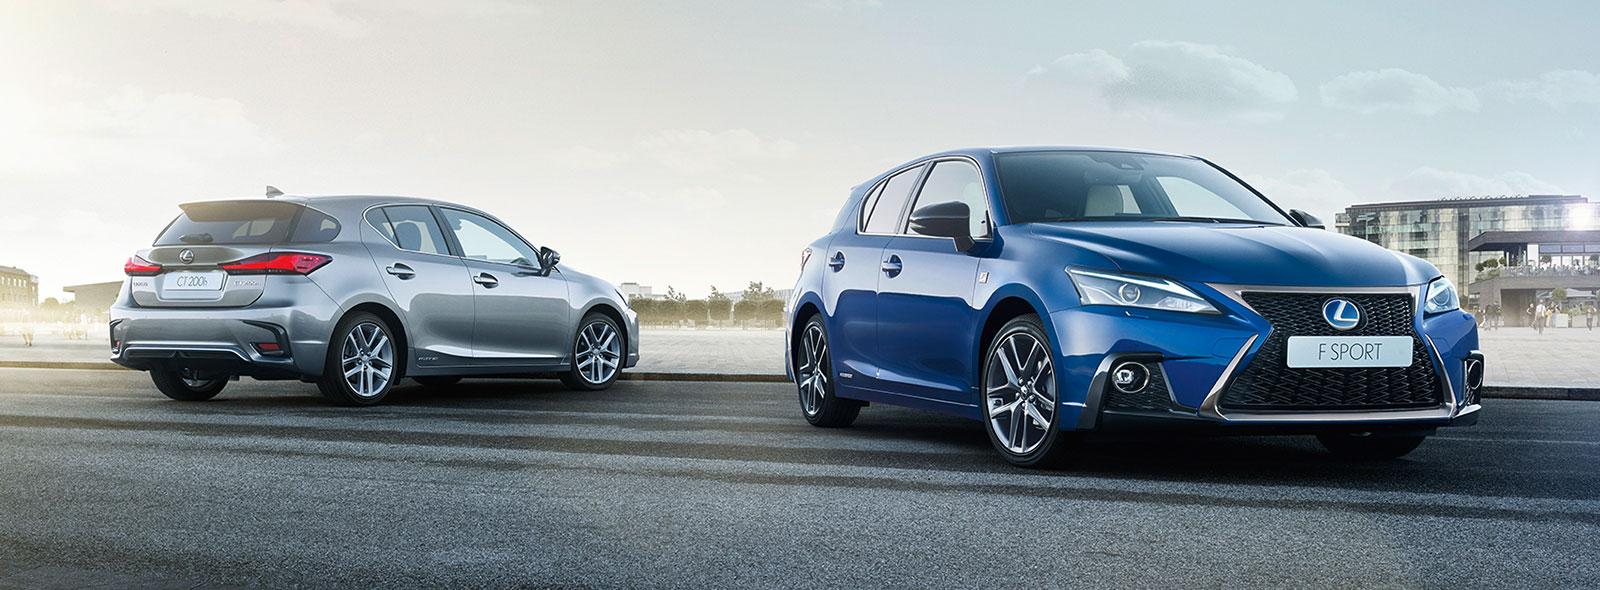 De voorkant van een blauwe CT200h F SPORT en zijkant van een grijze Lexus CT 200h